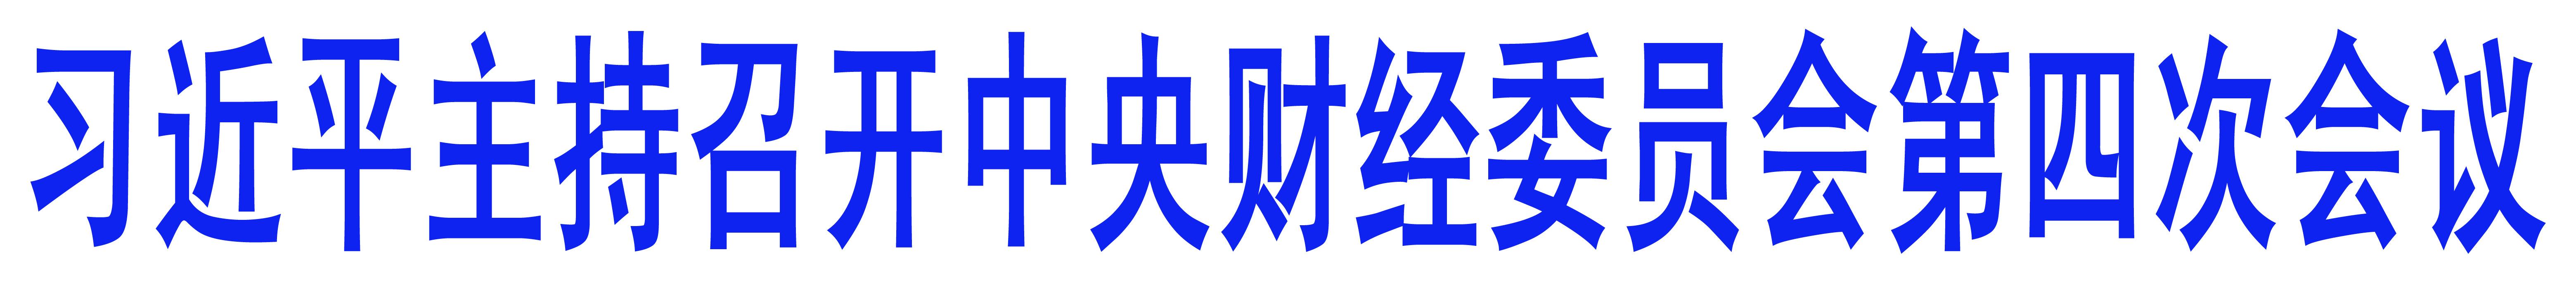 习近平主持召开中央财经委员会第四次会议